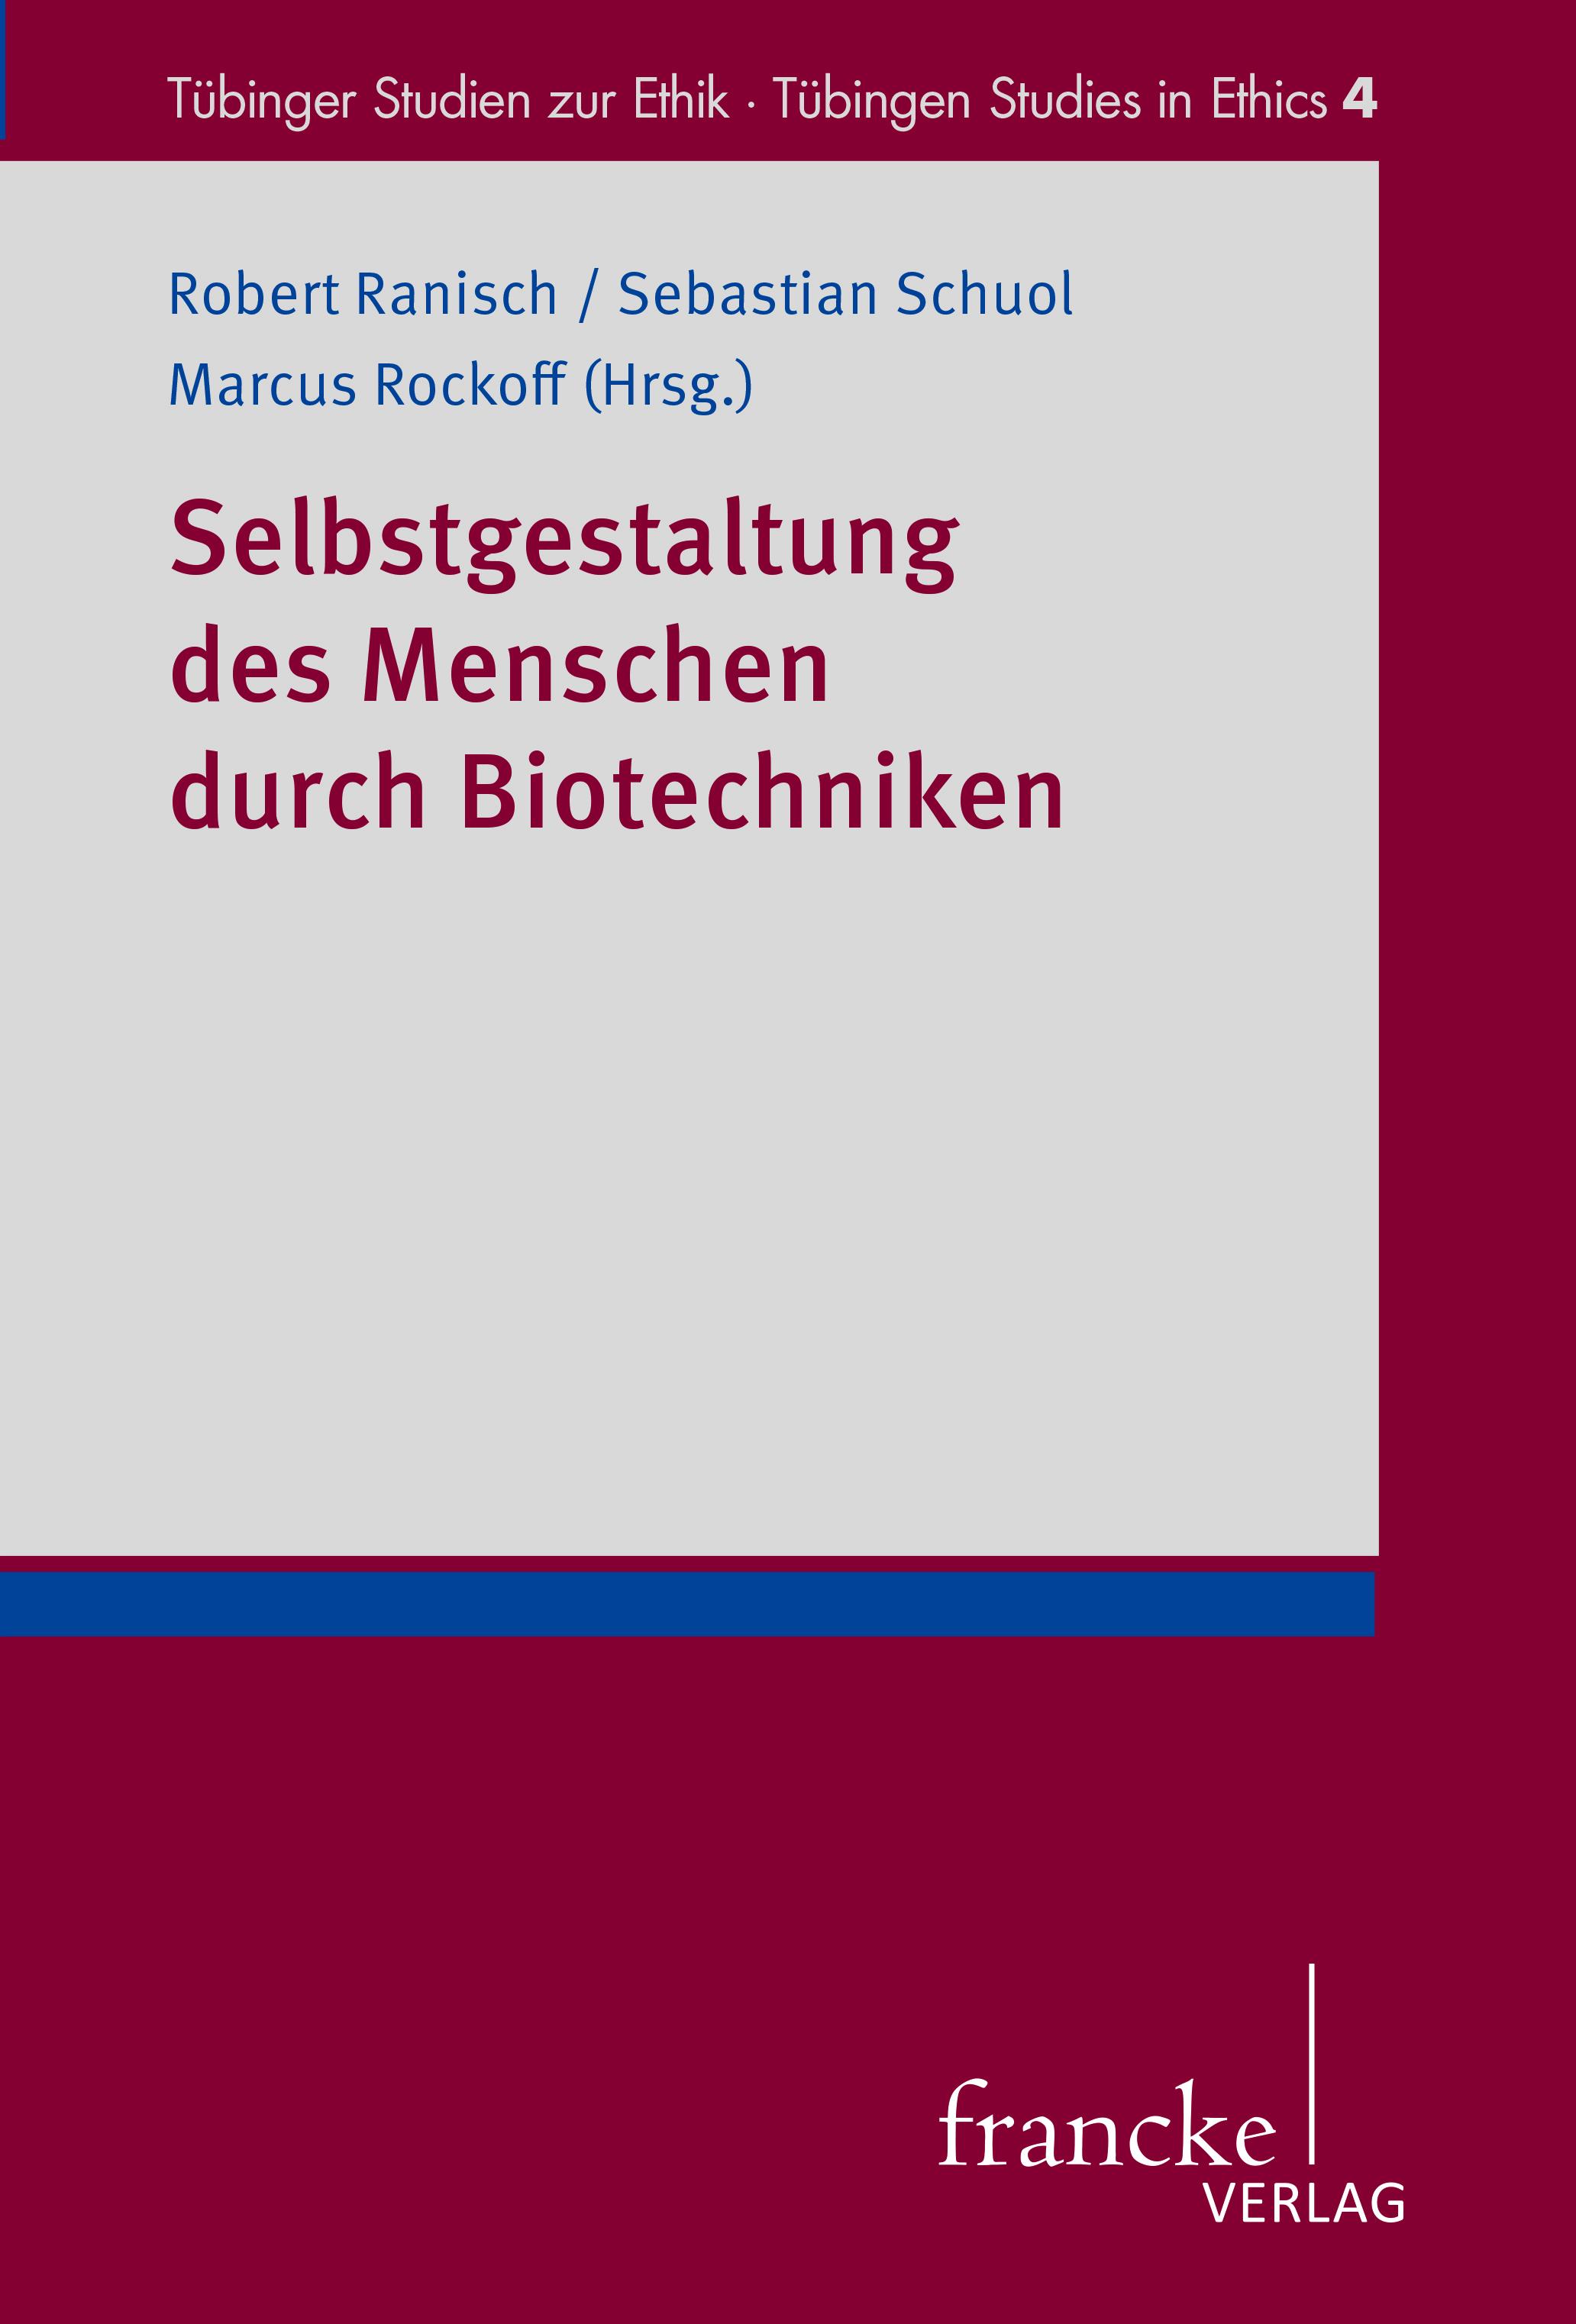 """Selbstgestaltung des Menschen durch Biotechniken"""" von Robert Ranisch, Sebastian Schuol und Marcus Rockoff"""